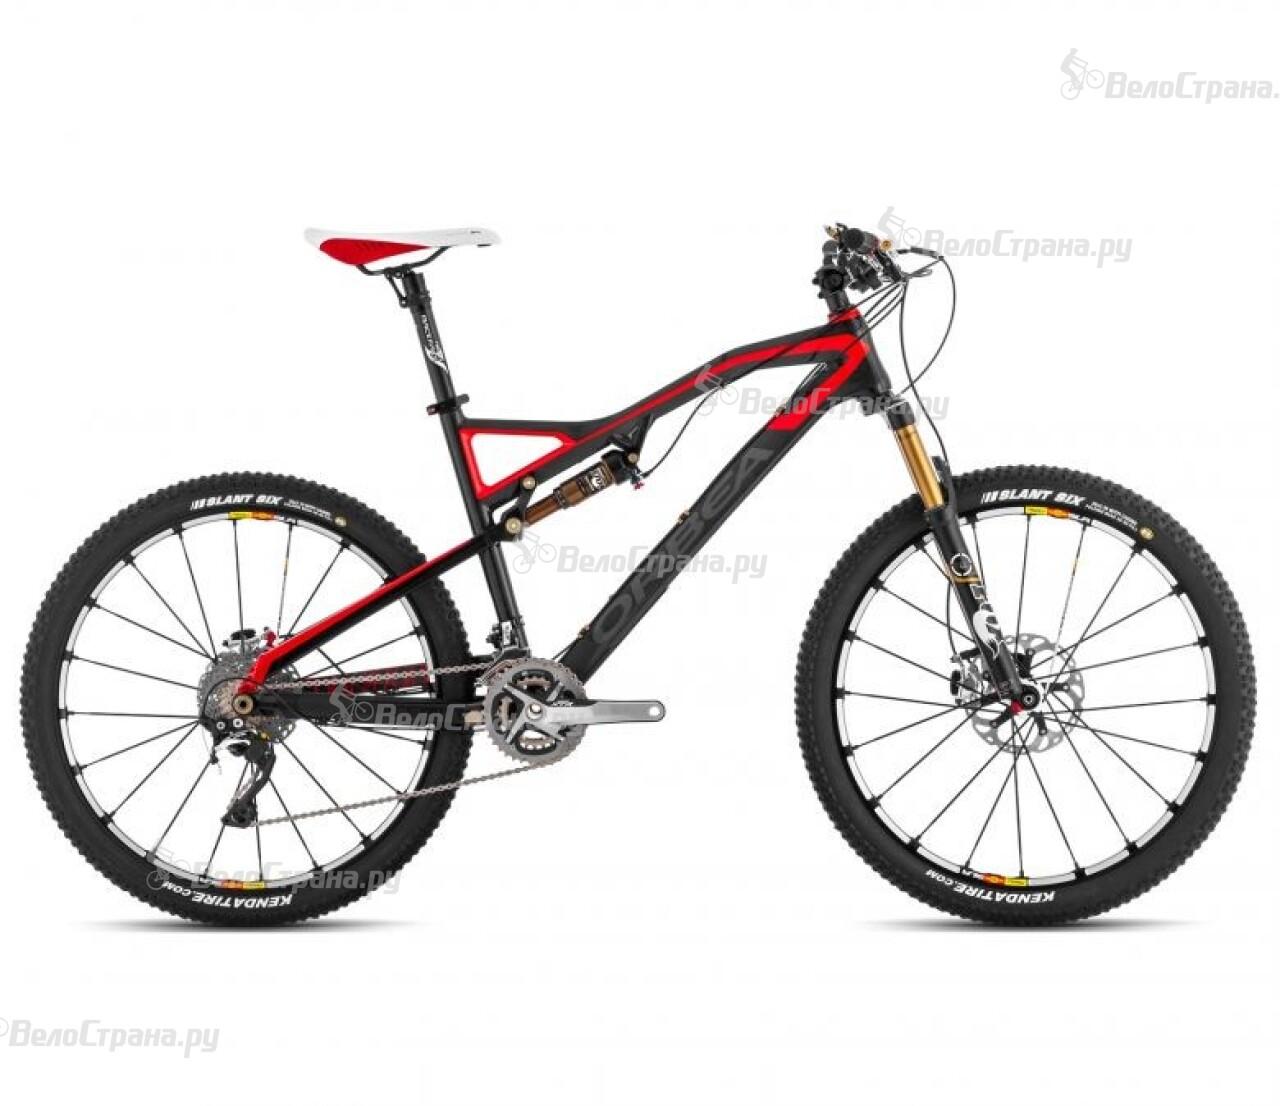 Велосипед Orbea Occam M10 (2014) велосипед orbea occam m10 2014